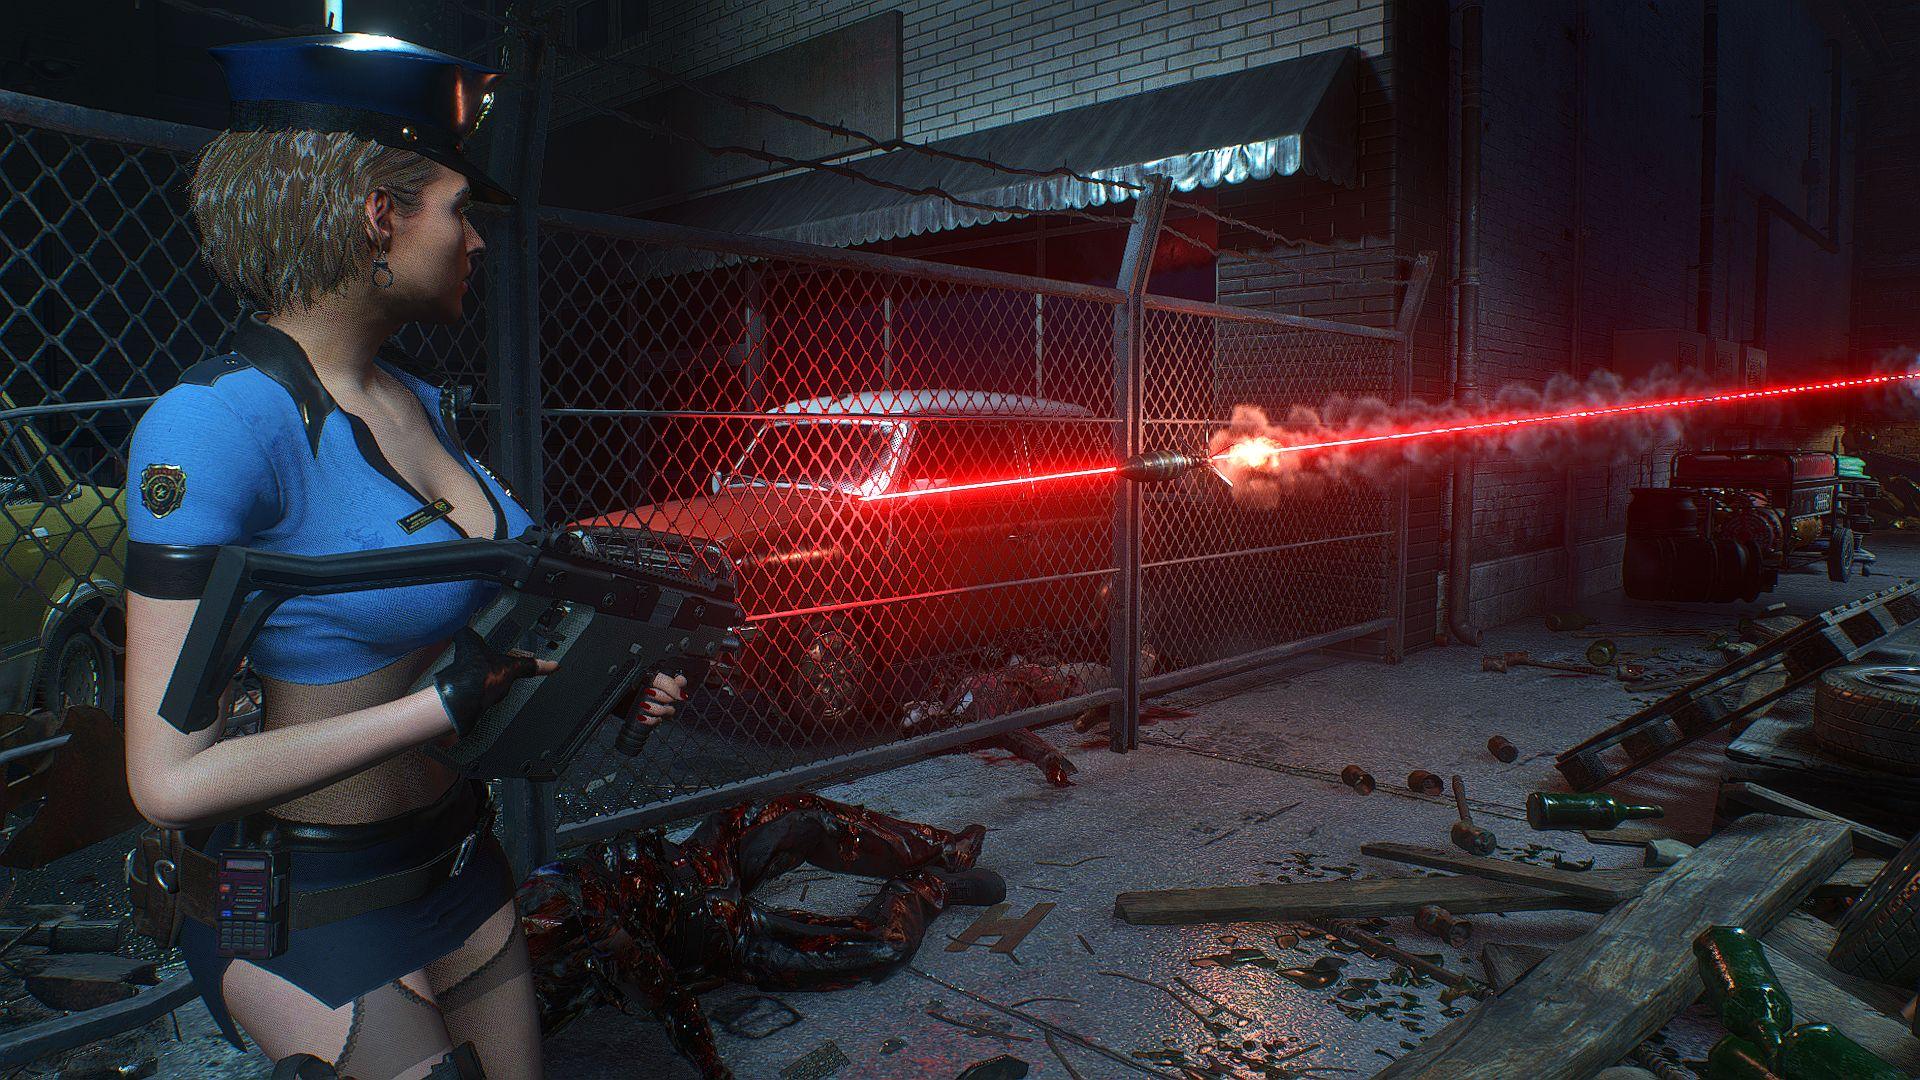 000979.Jpg - Resident Evil 3: Nemesis